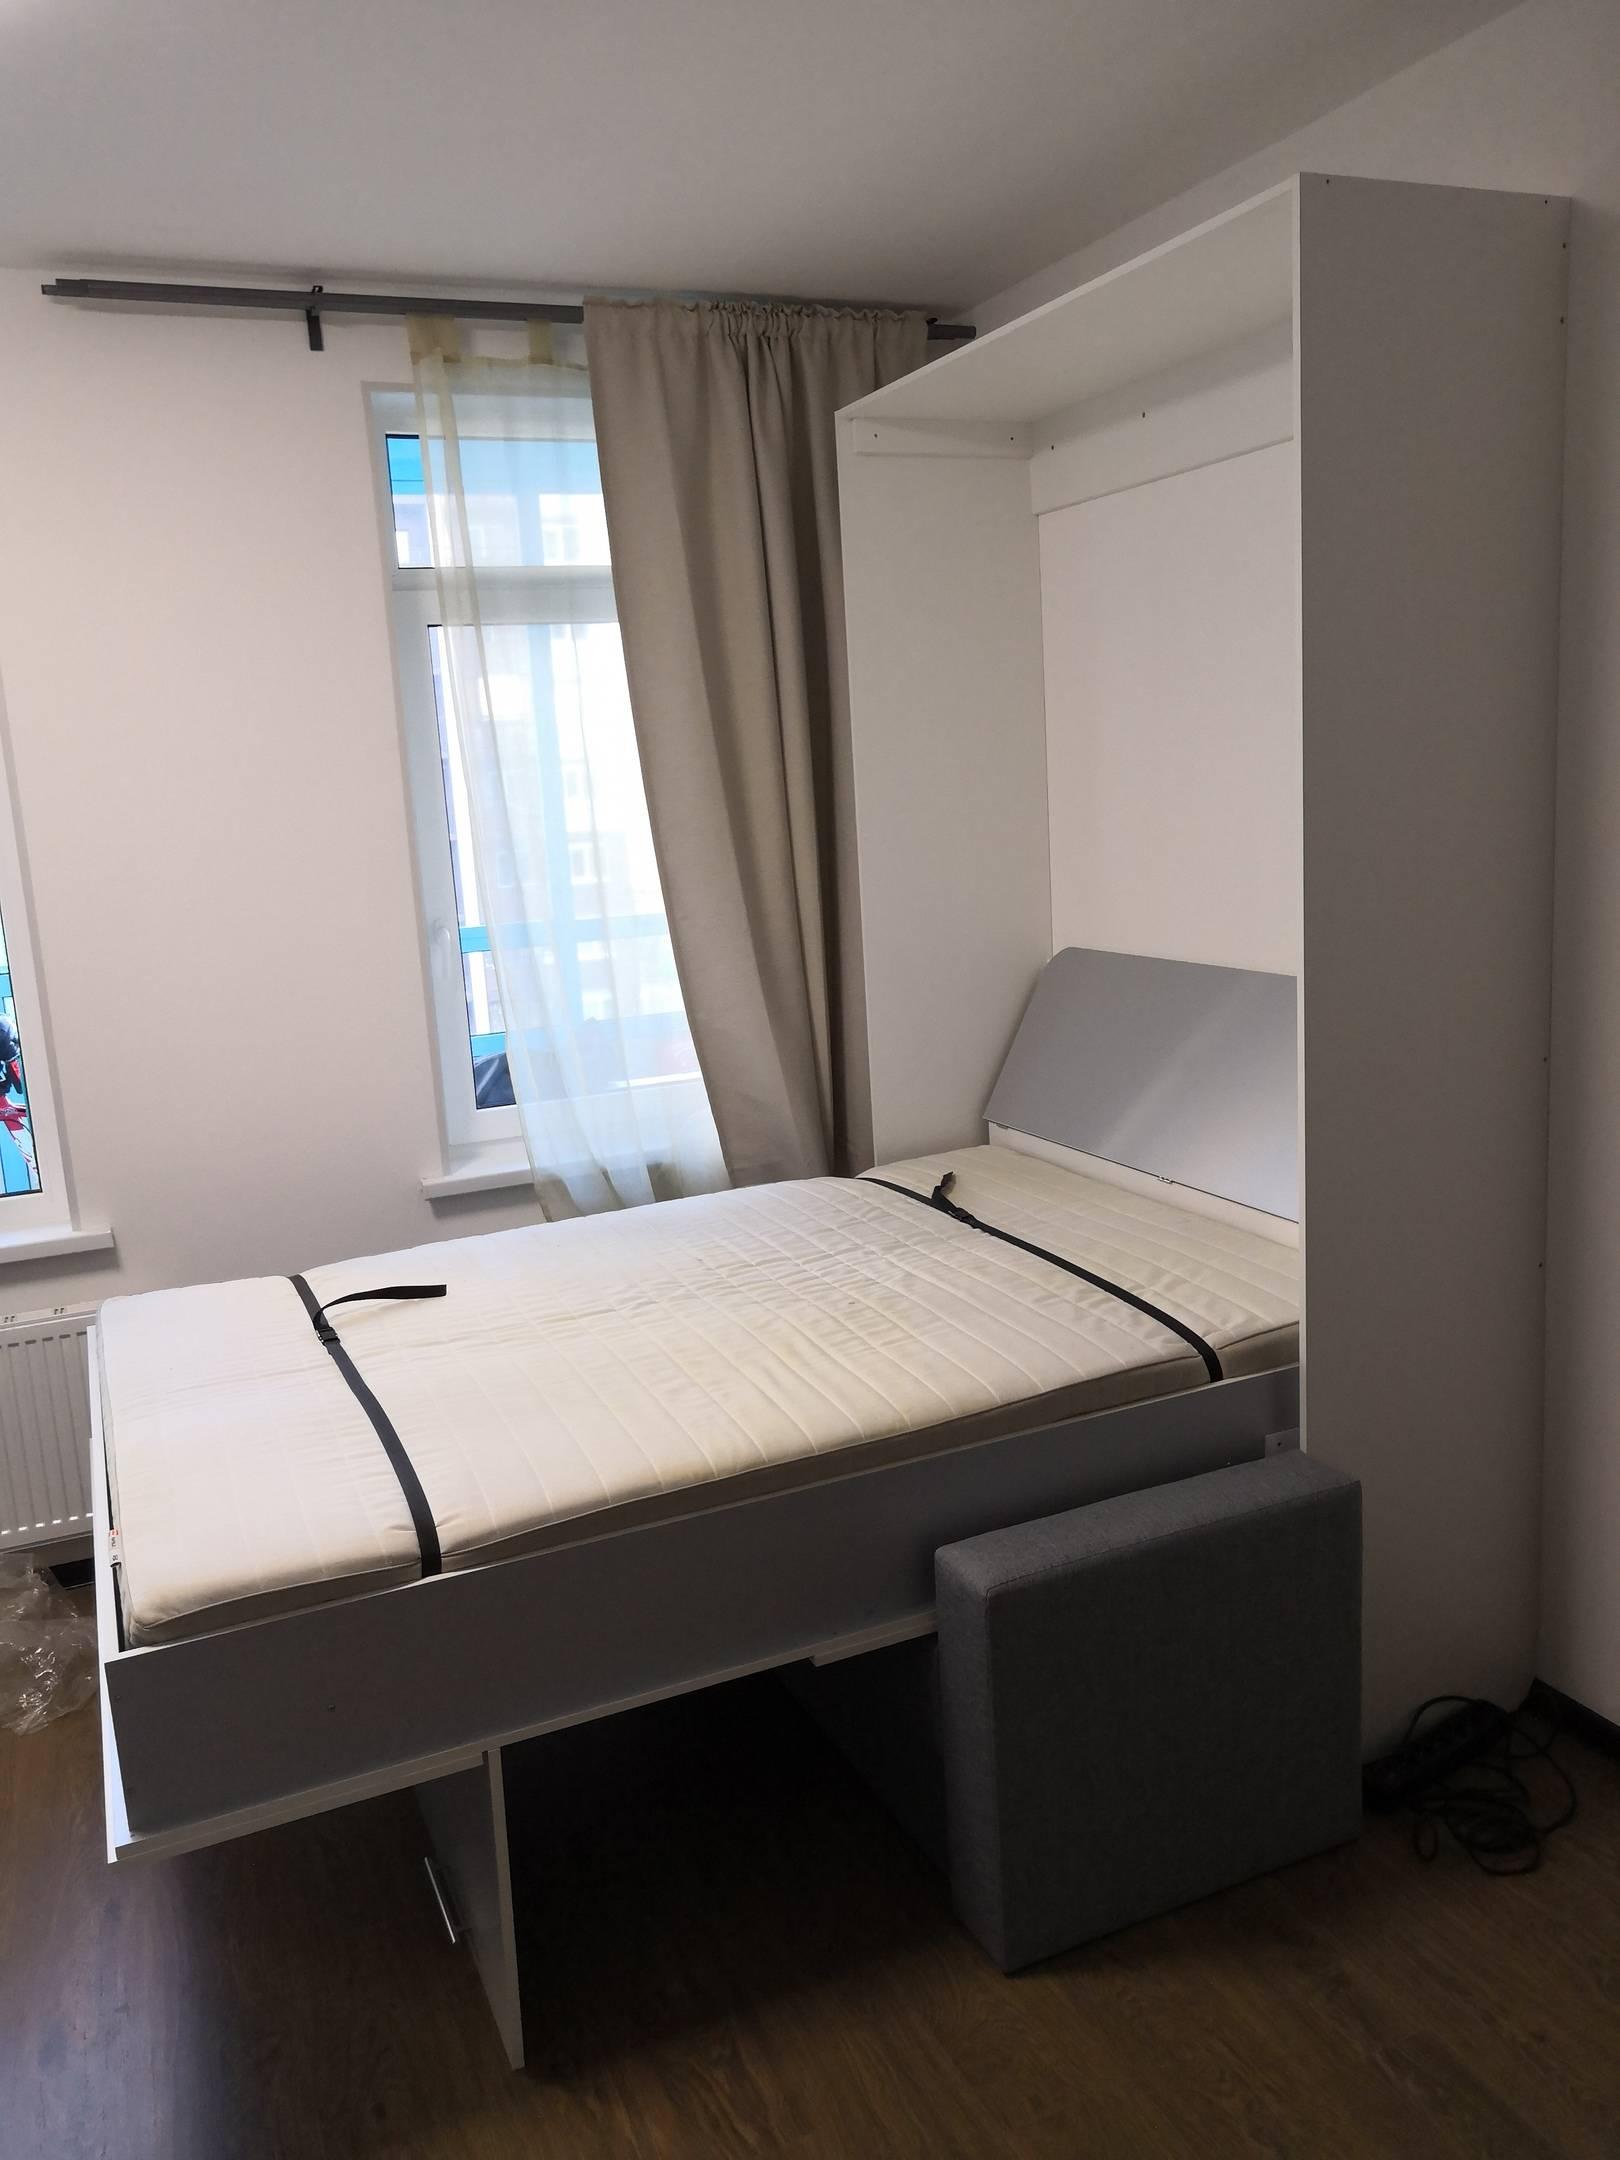 Кровать трансформер для малогабаритной квартиры, стол-кровать и другие варианты механизмов, особенности конструкции, фото